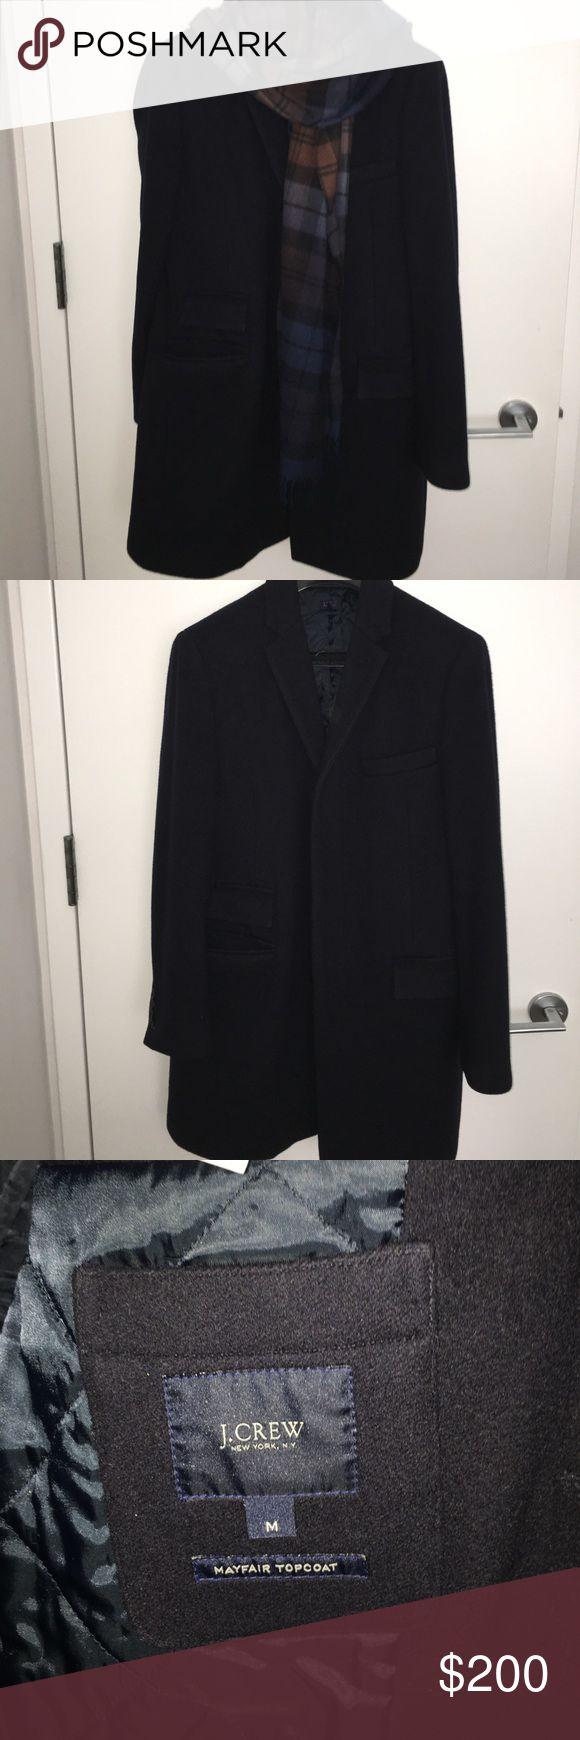 J crew navy blue topcoat Jcrew navy blue topcoat J. Crew Suits & Blazers Sport Coats & Blazers